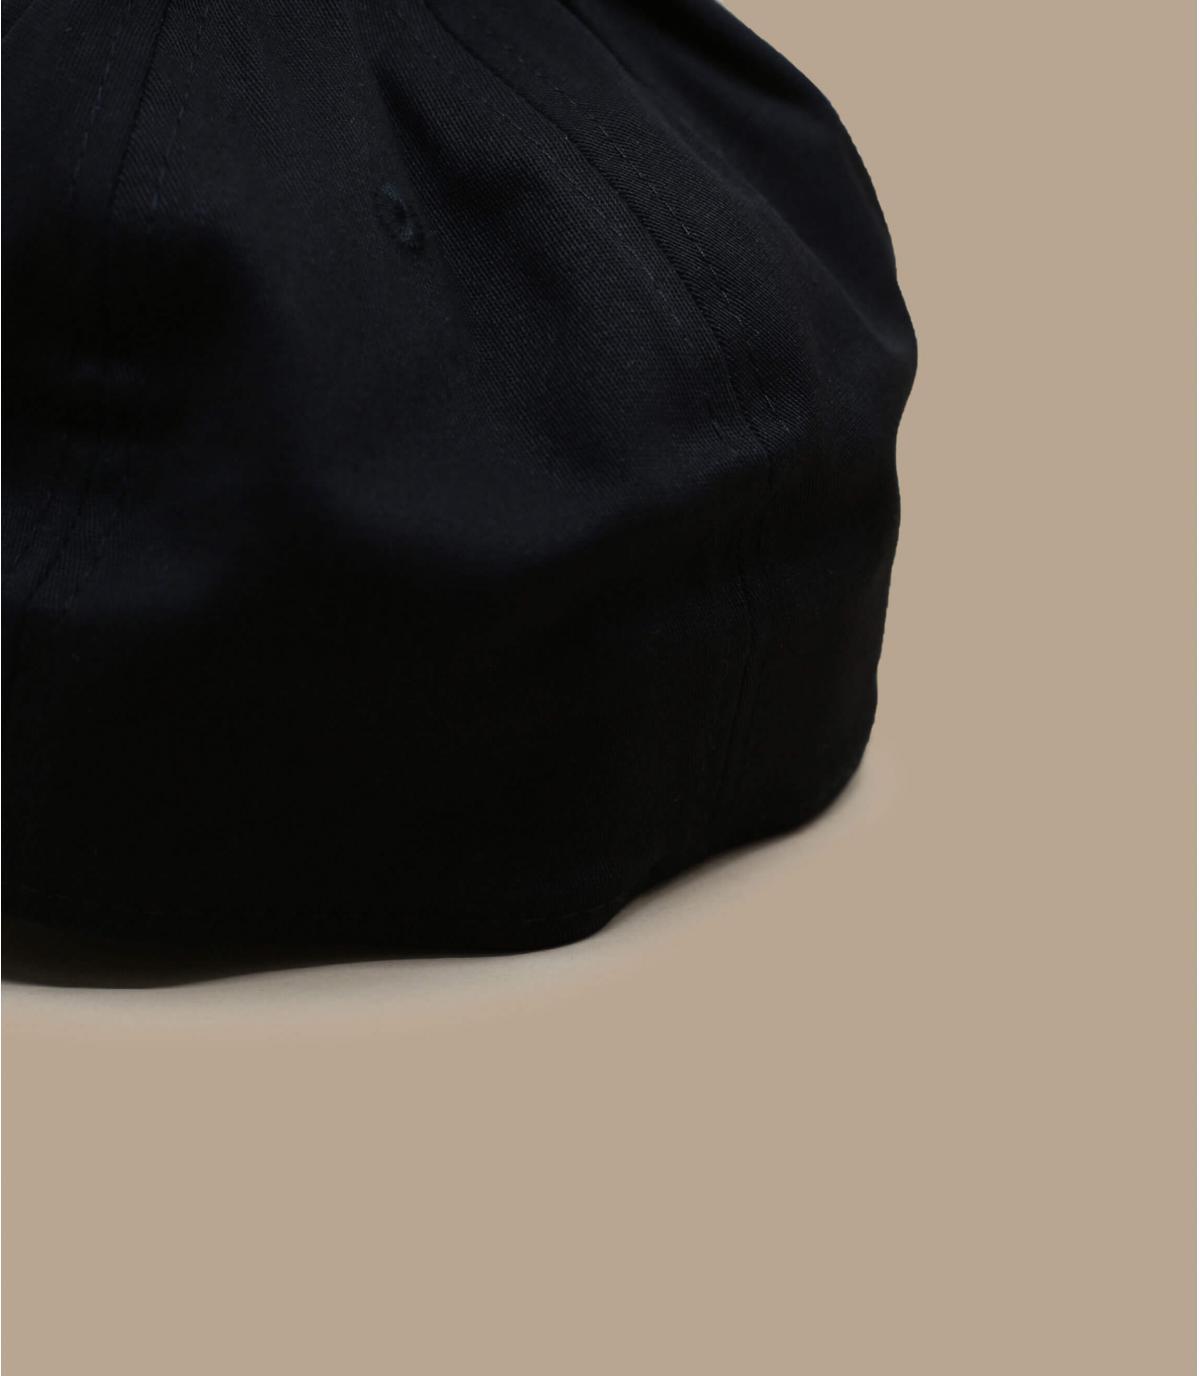 Détails Casquette NY 39Thirty noire - image 4